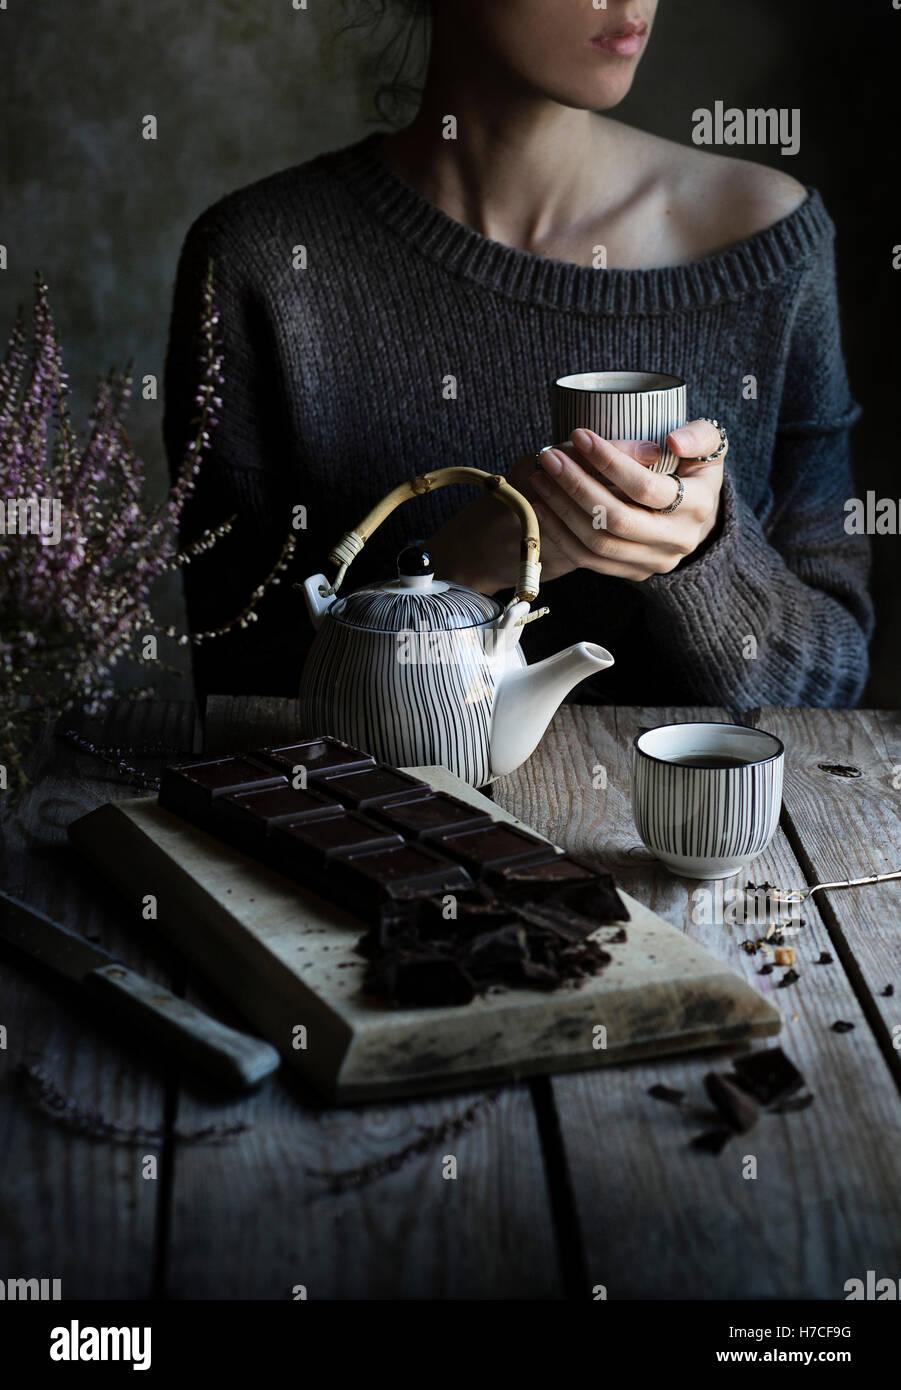 L'heure du thé: Femme buvant une tasse de thé Photo Stock